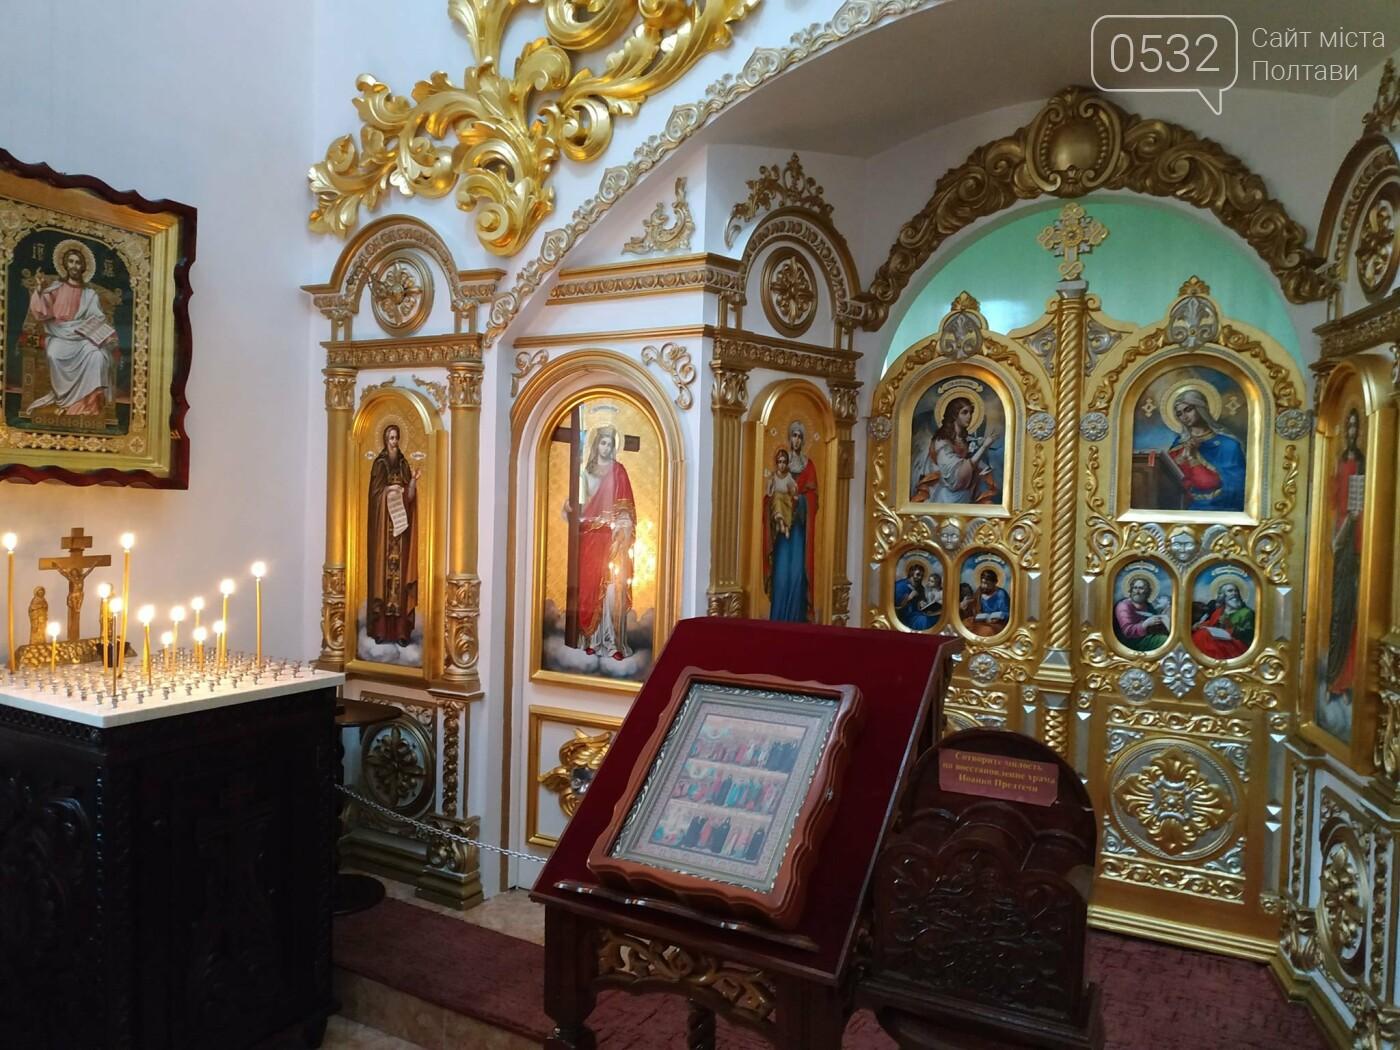 Подорож вихідного дня: вирушаємо до святинь на Сумщині, фото-11